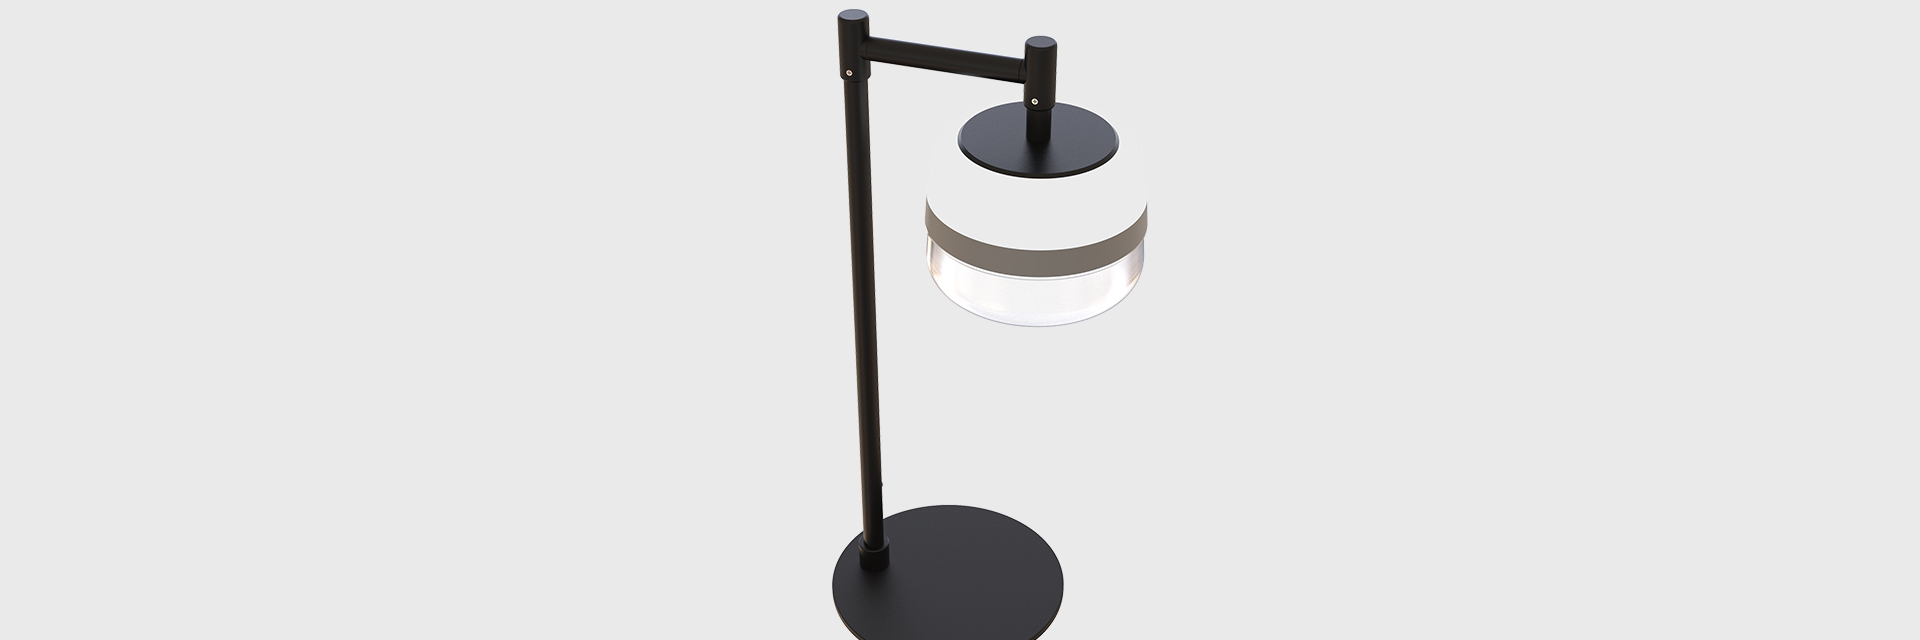 Task Lamp Mult Led Task Lights Series Zentem